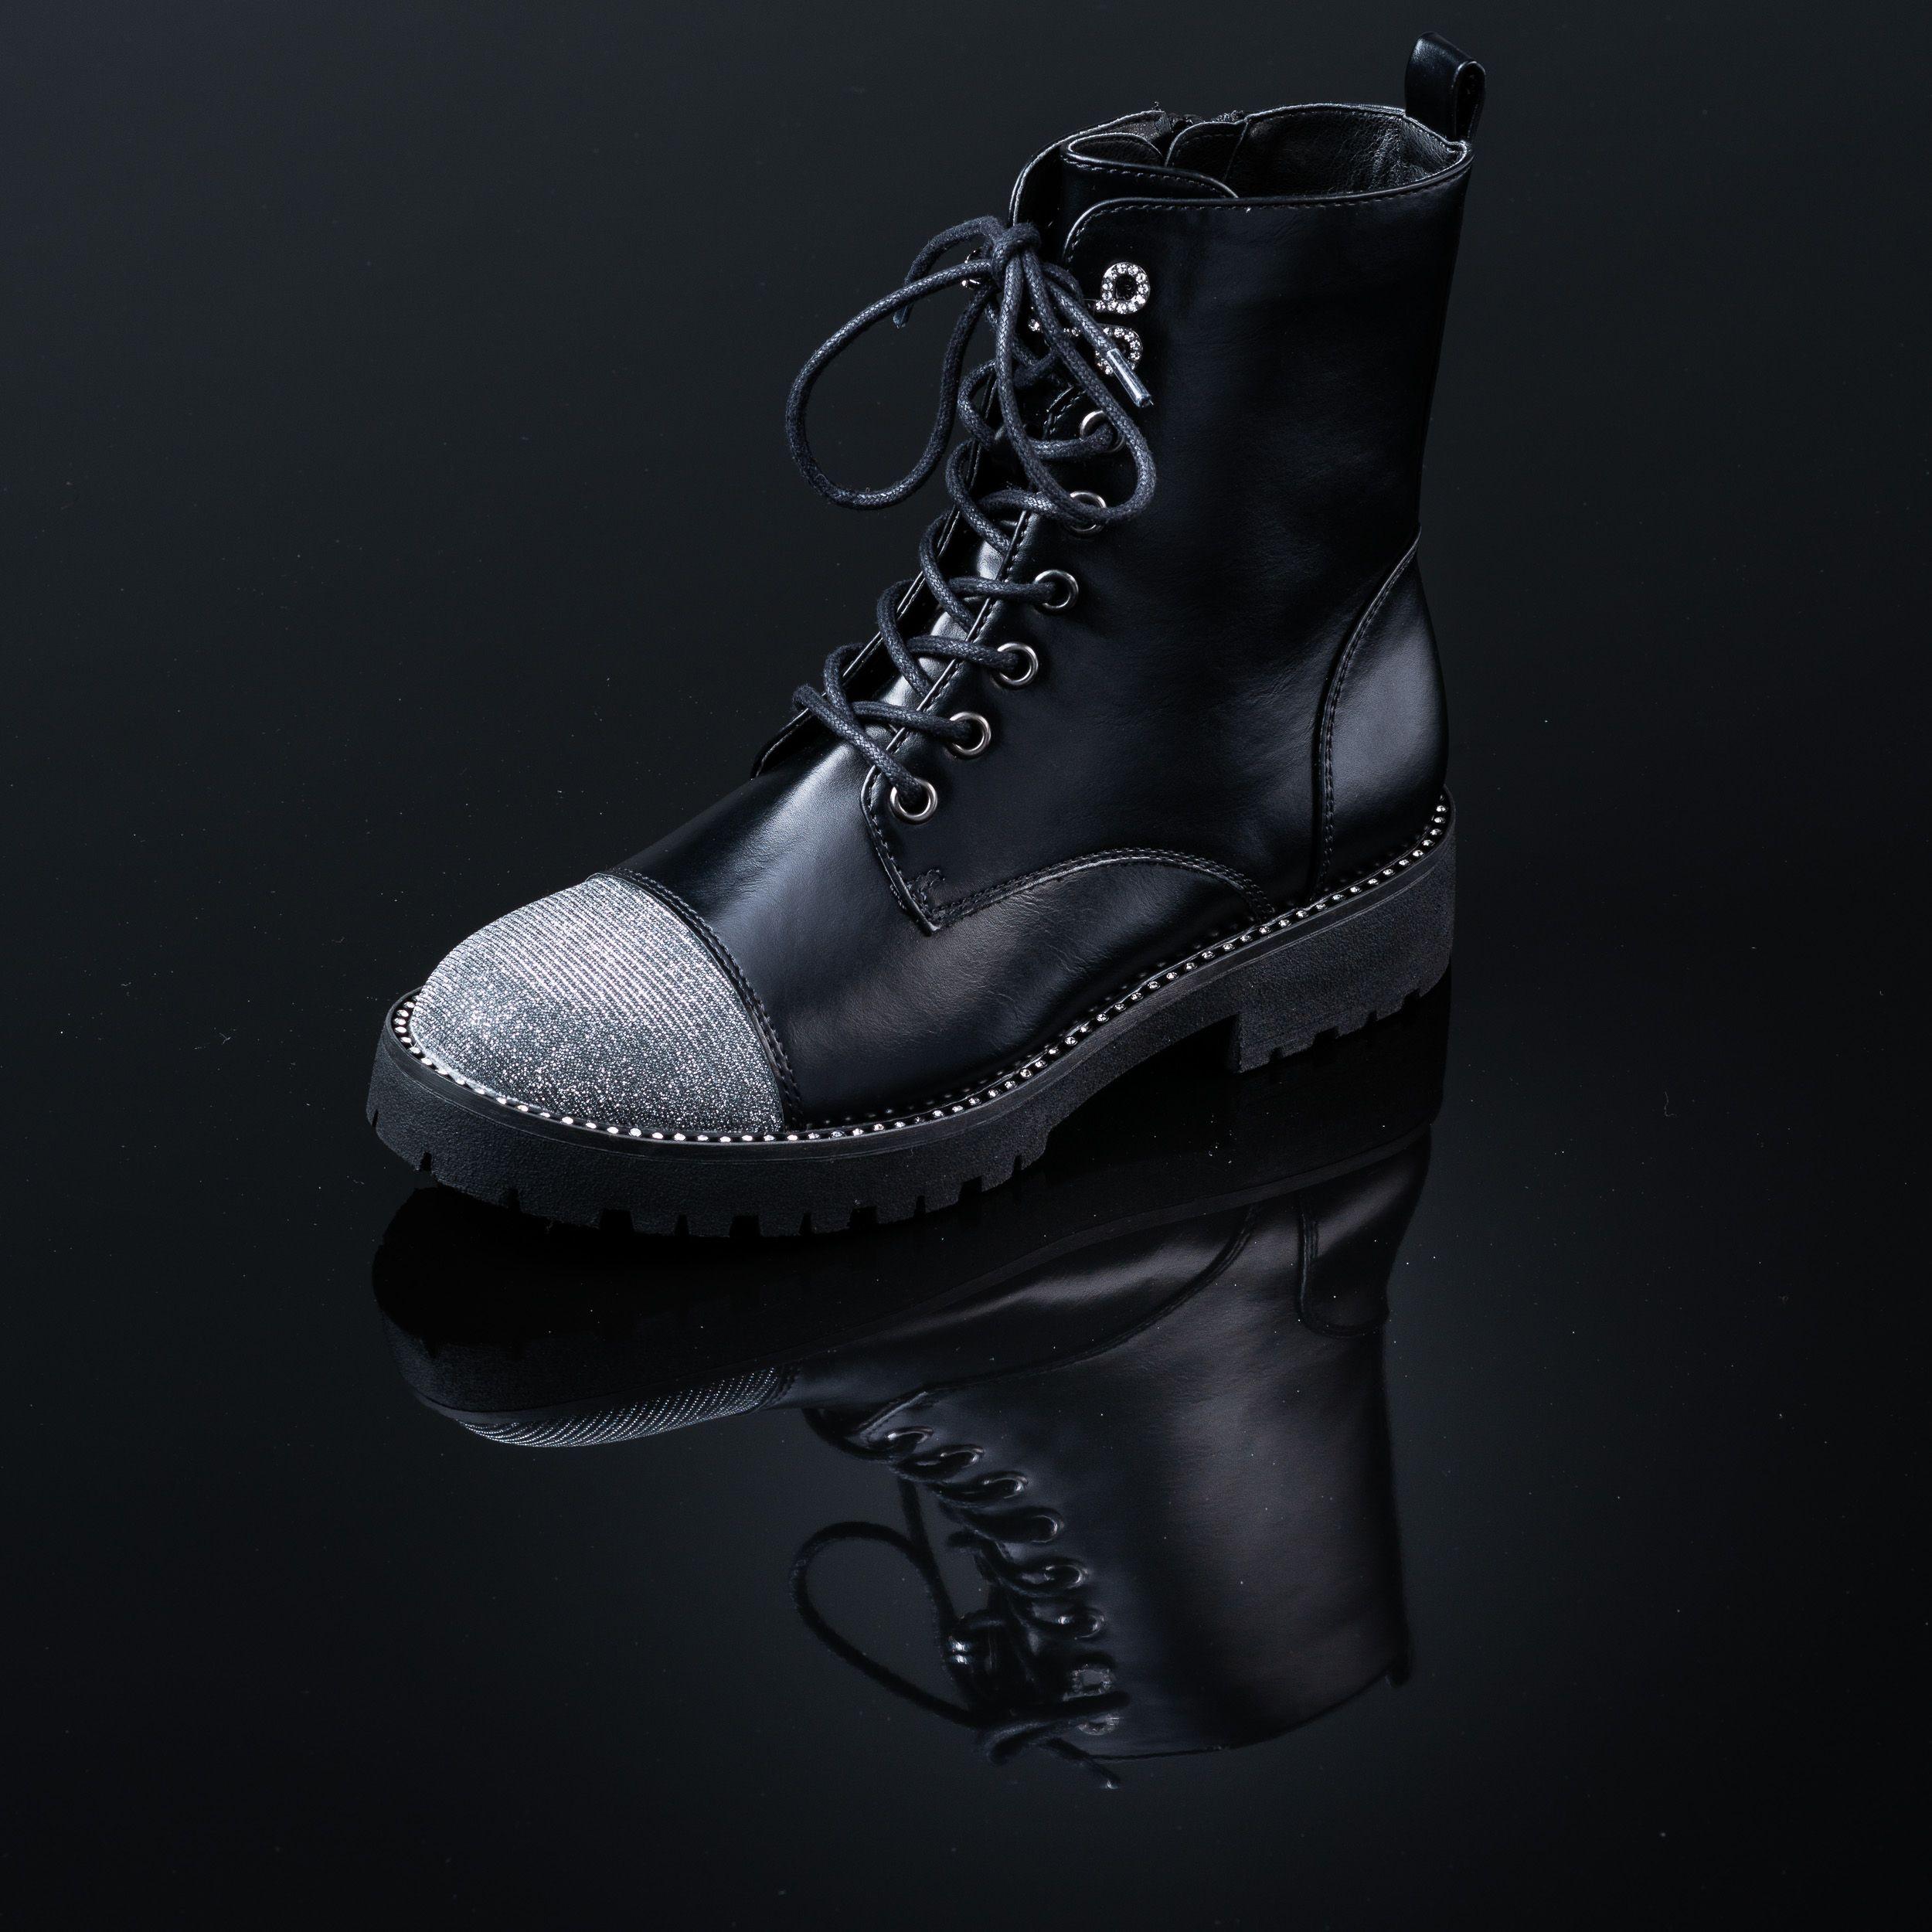 Die 25 besten Bilder von Deichmann shoes in 2019 | Schuhe